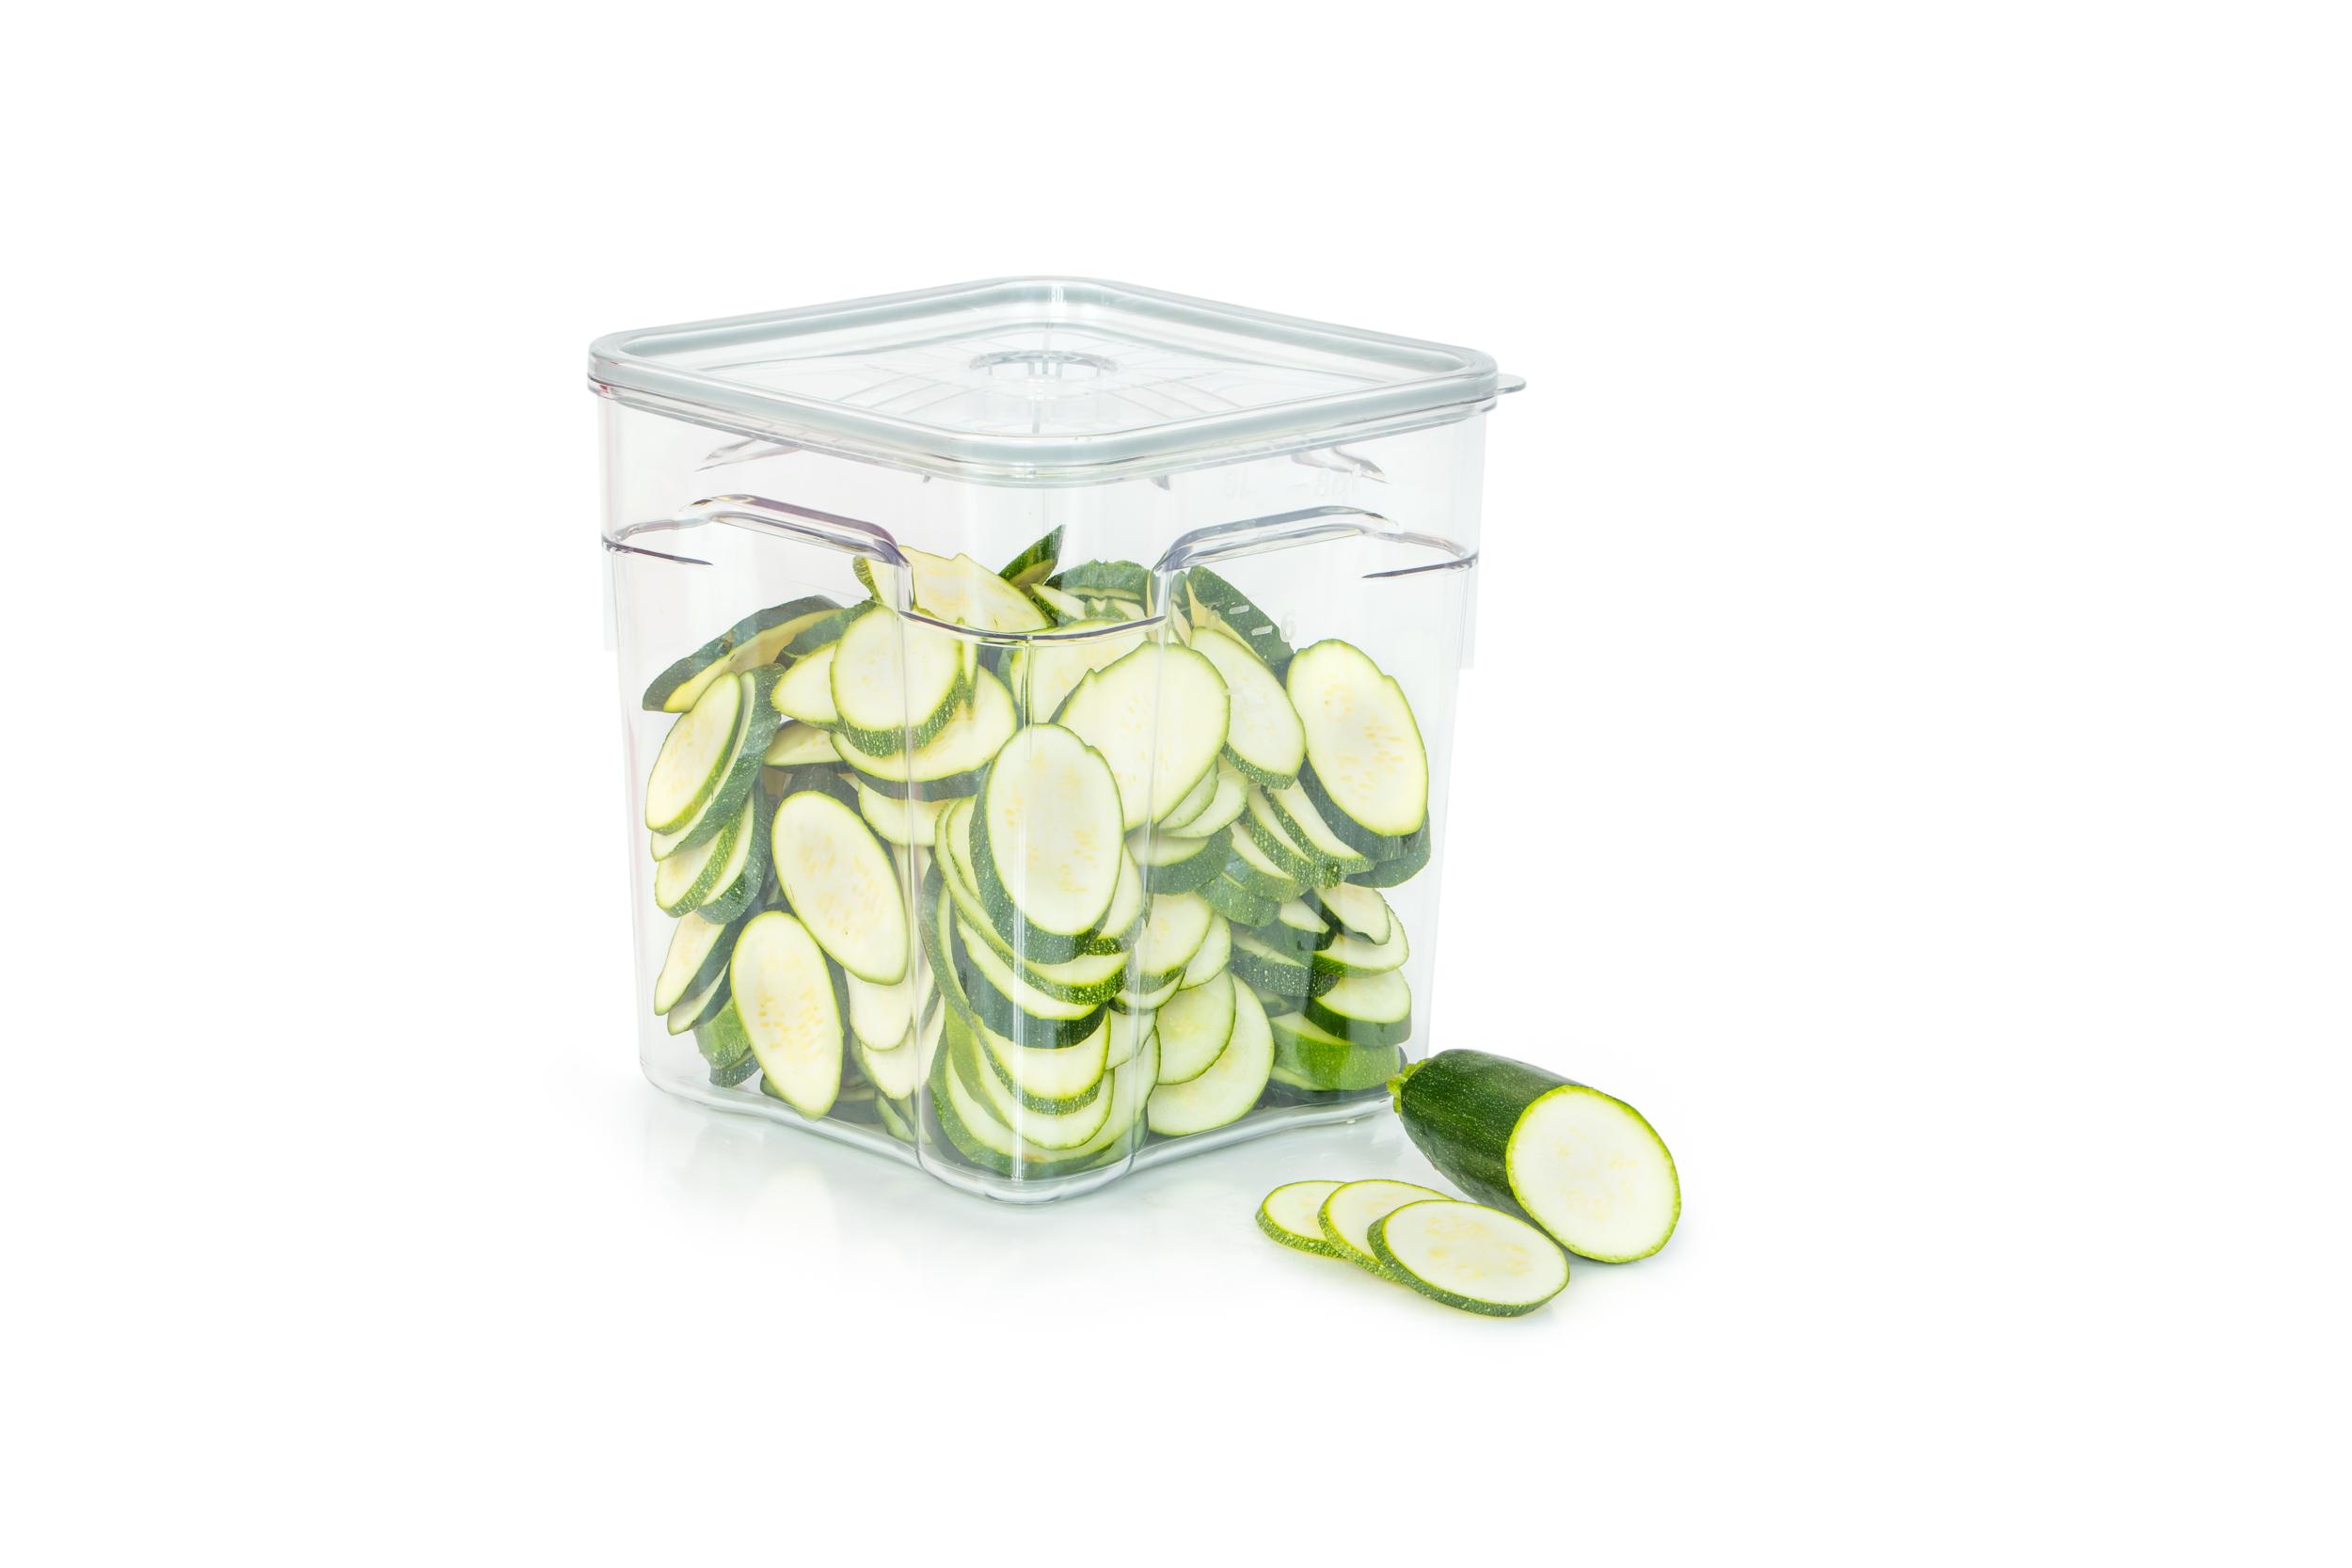 boite sous vide gastro pro 8 litres  (3)